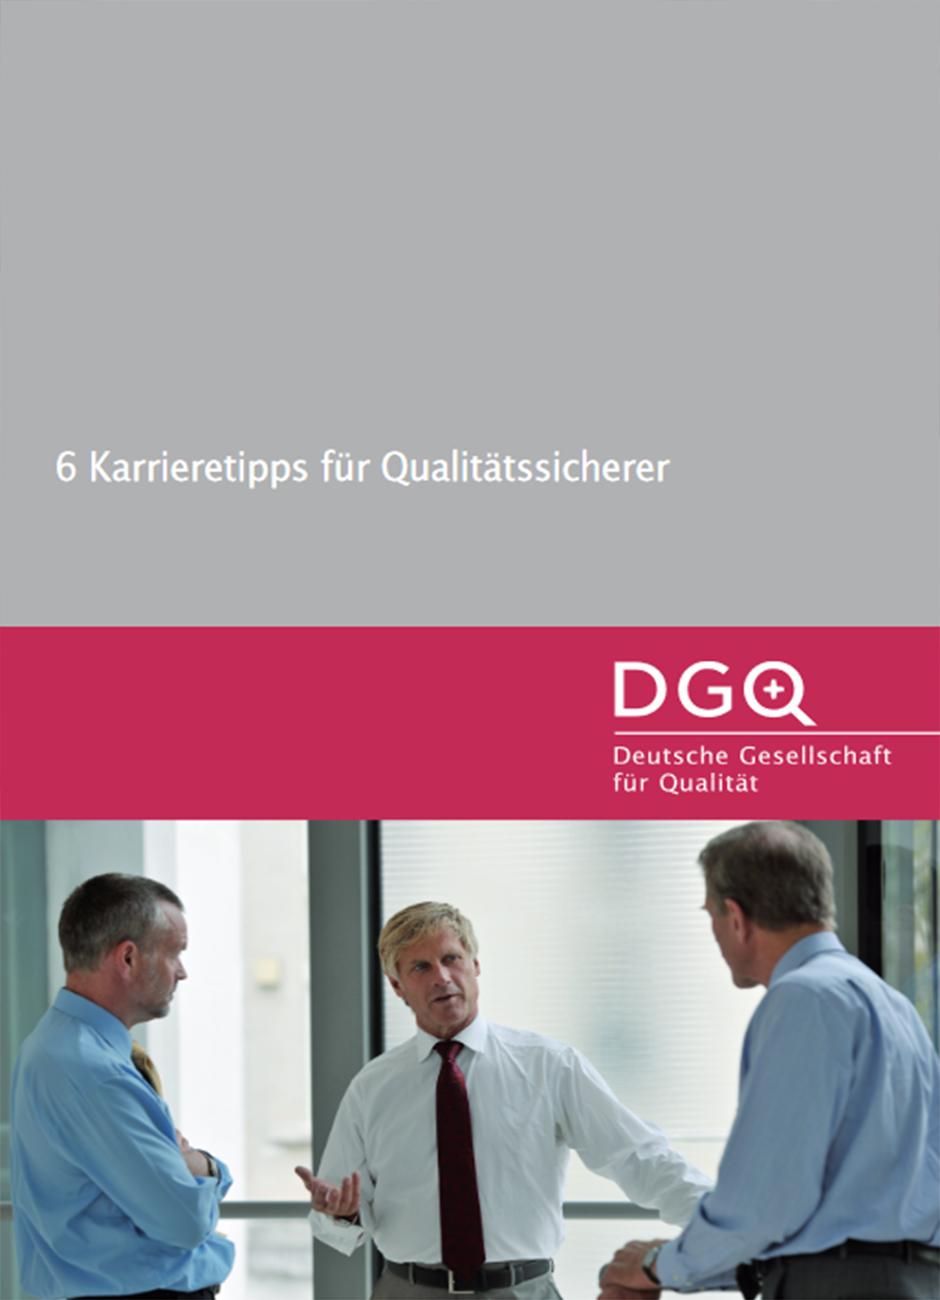 DGQ-Whitepaper: 6 Karrieretipps für Qualitätssicherer